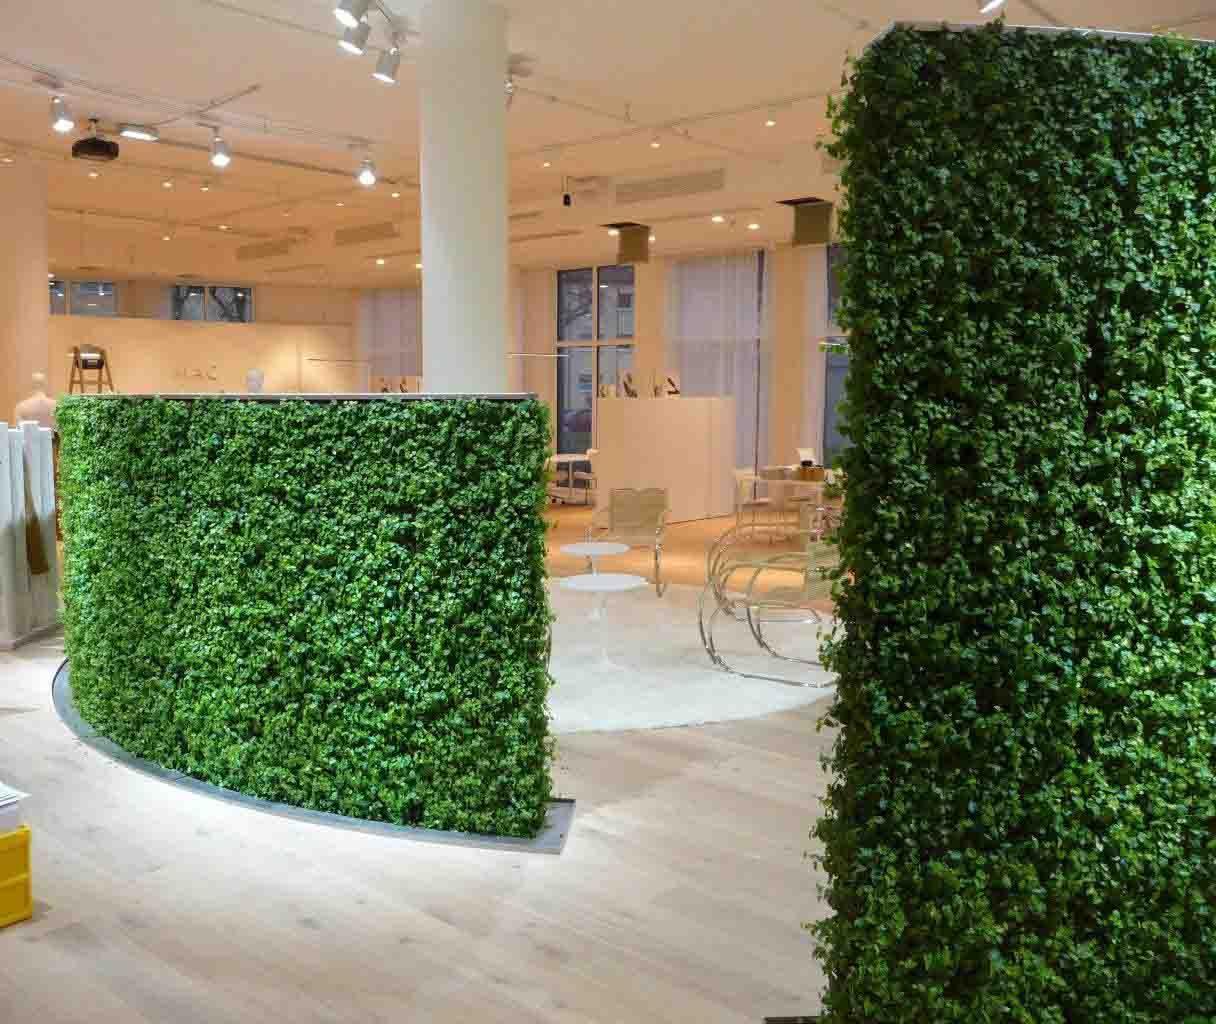 Vertikale Begrünung die grüne wand der wandgarten oder auch die vertikale begrünung wand